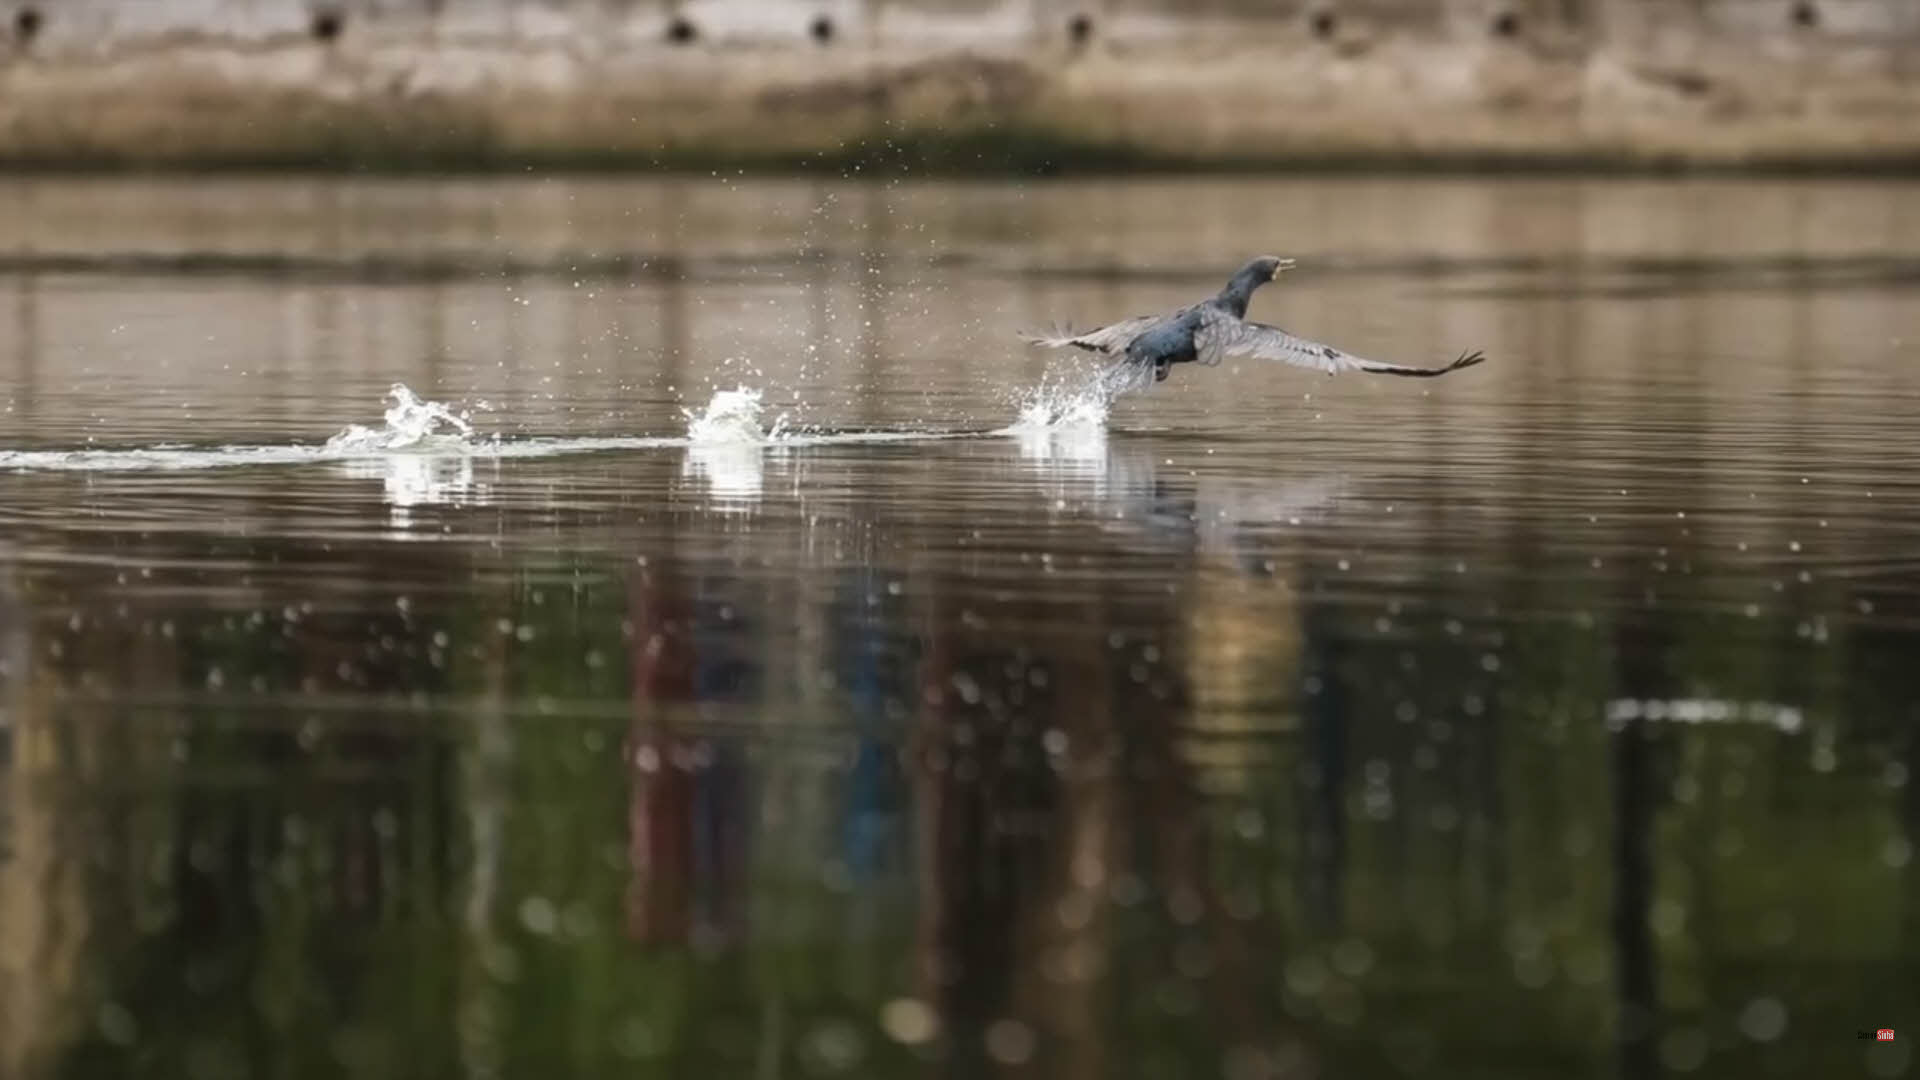 動態的飛鳥使用連續對焦追蹤模式,可以增加對焦成功機率